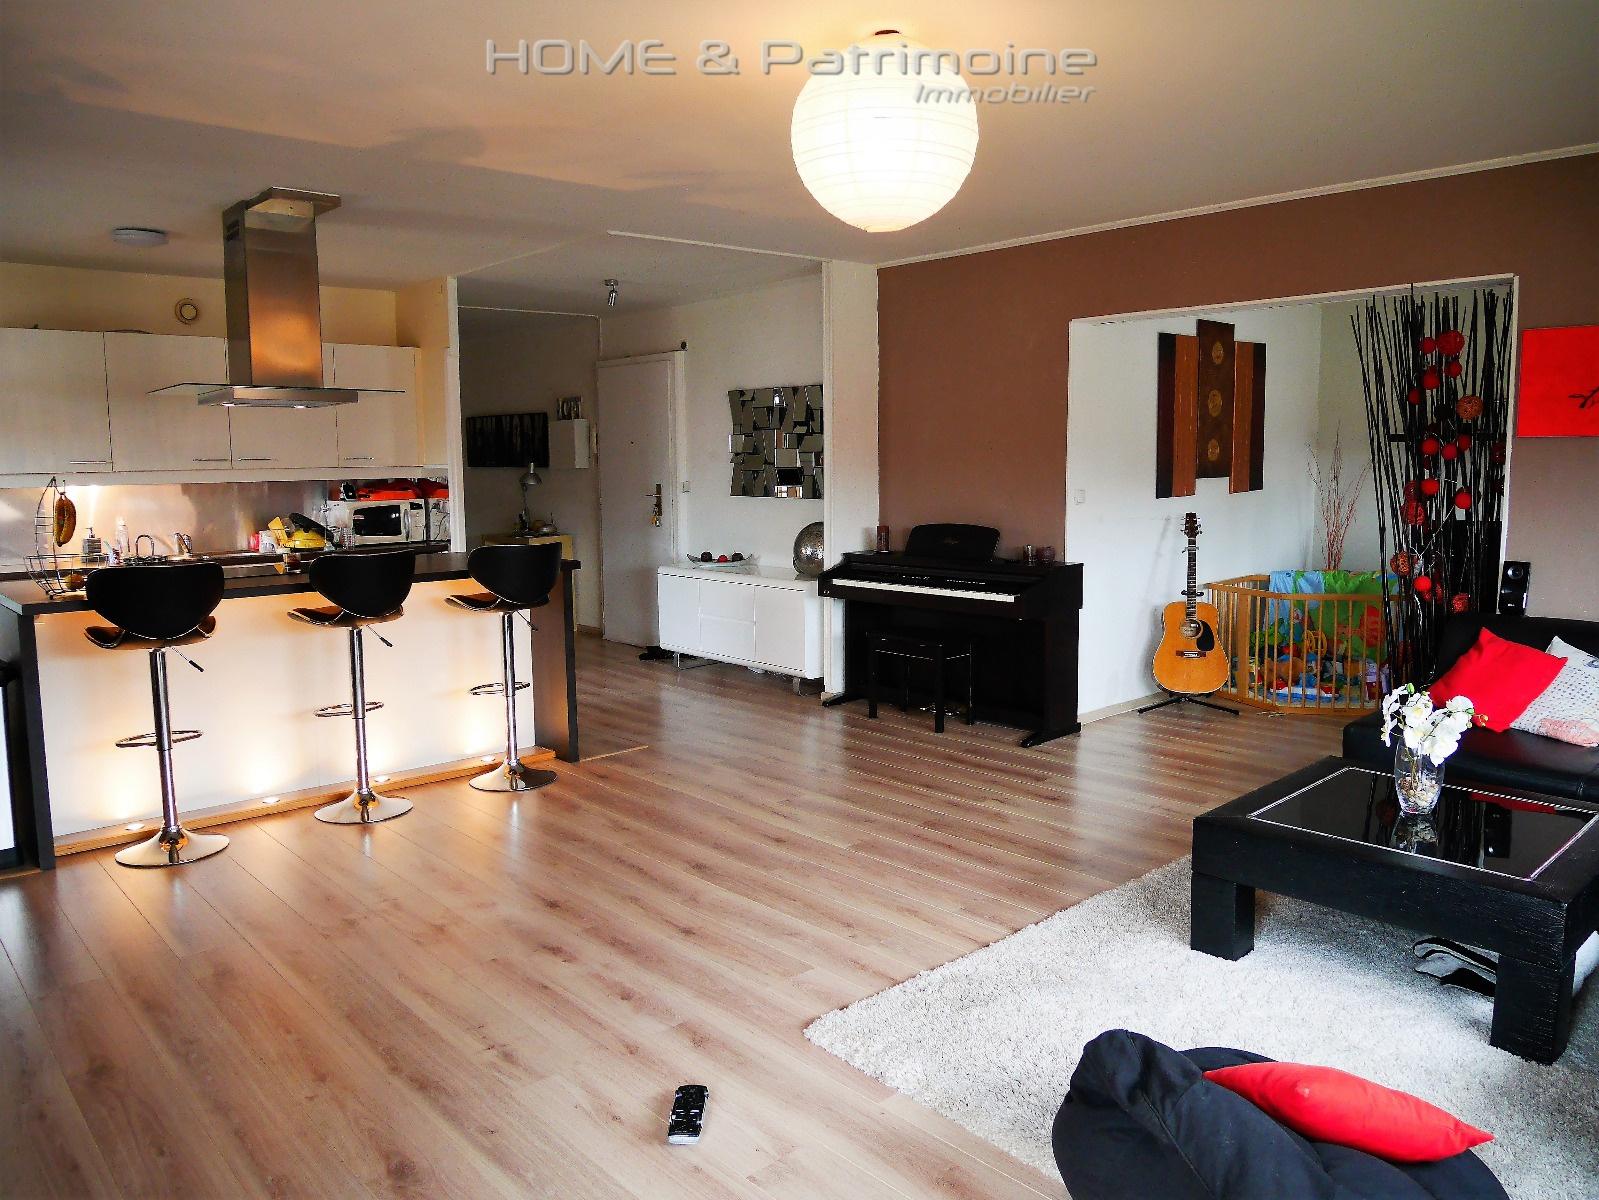 Vente appartement thonon les bains maison et terrain for Garage thonon les bains